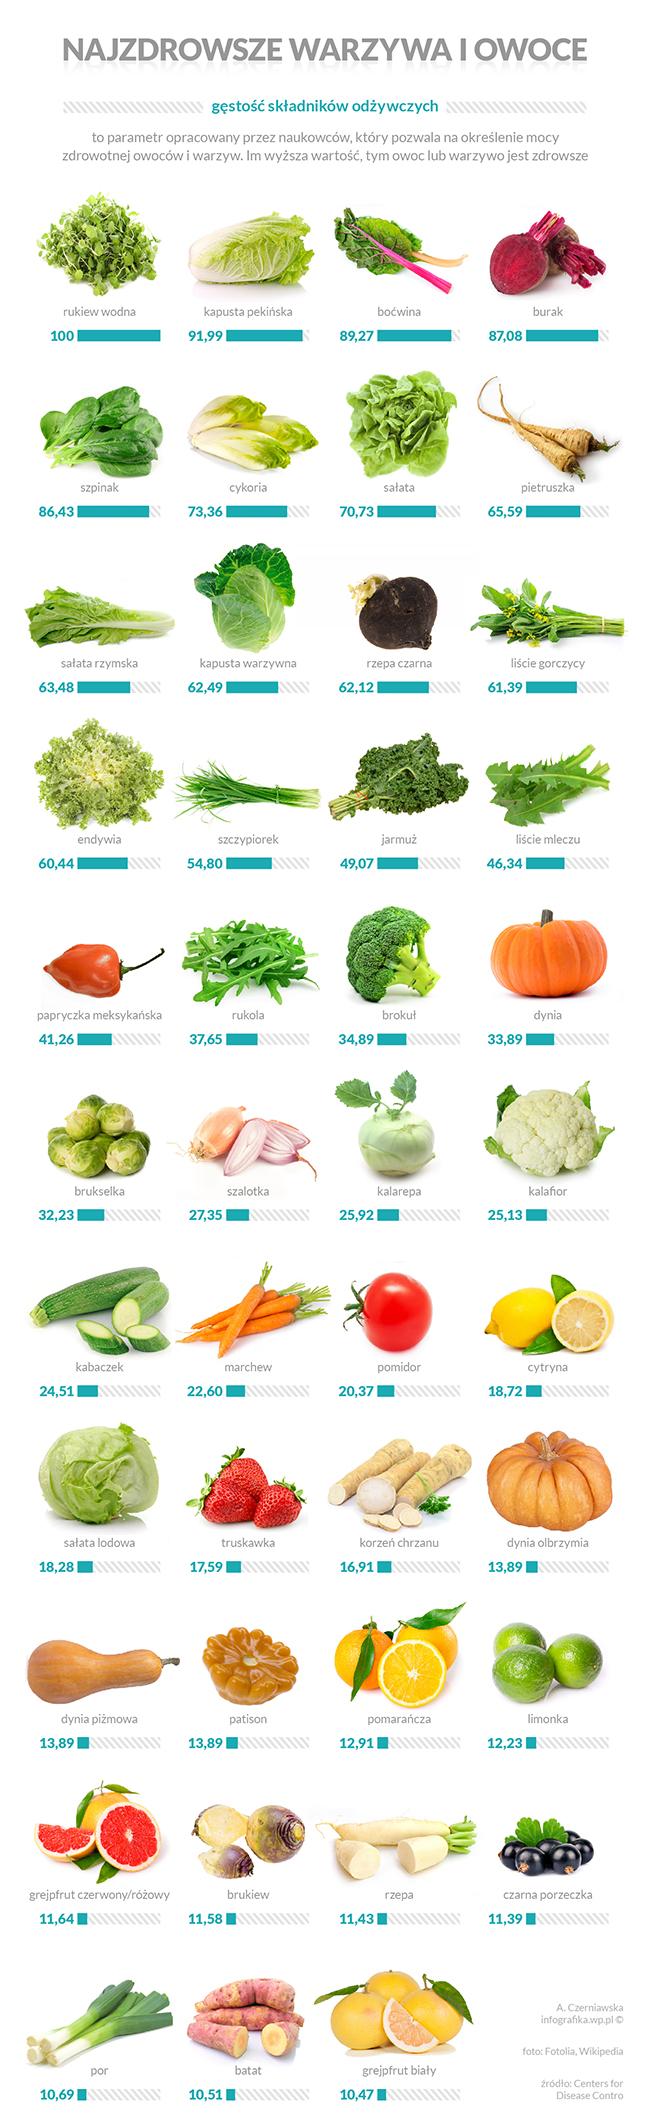 warzywa_owoce_infografika